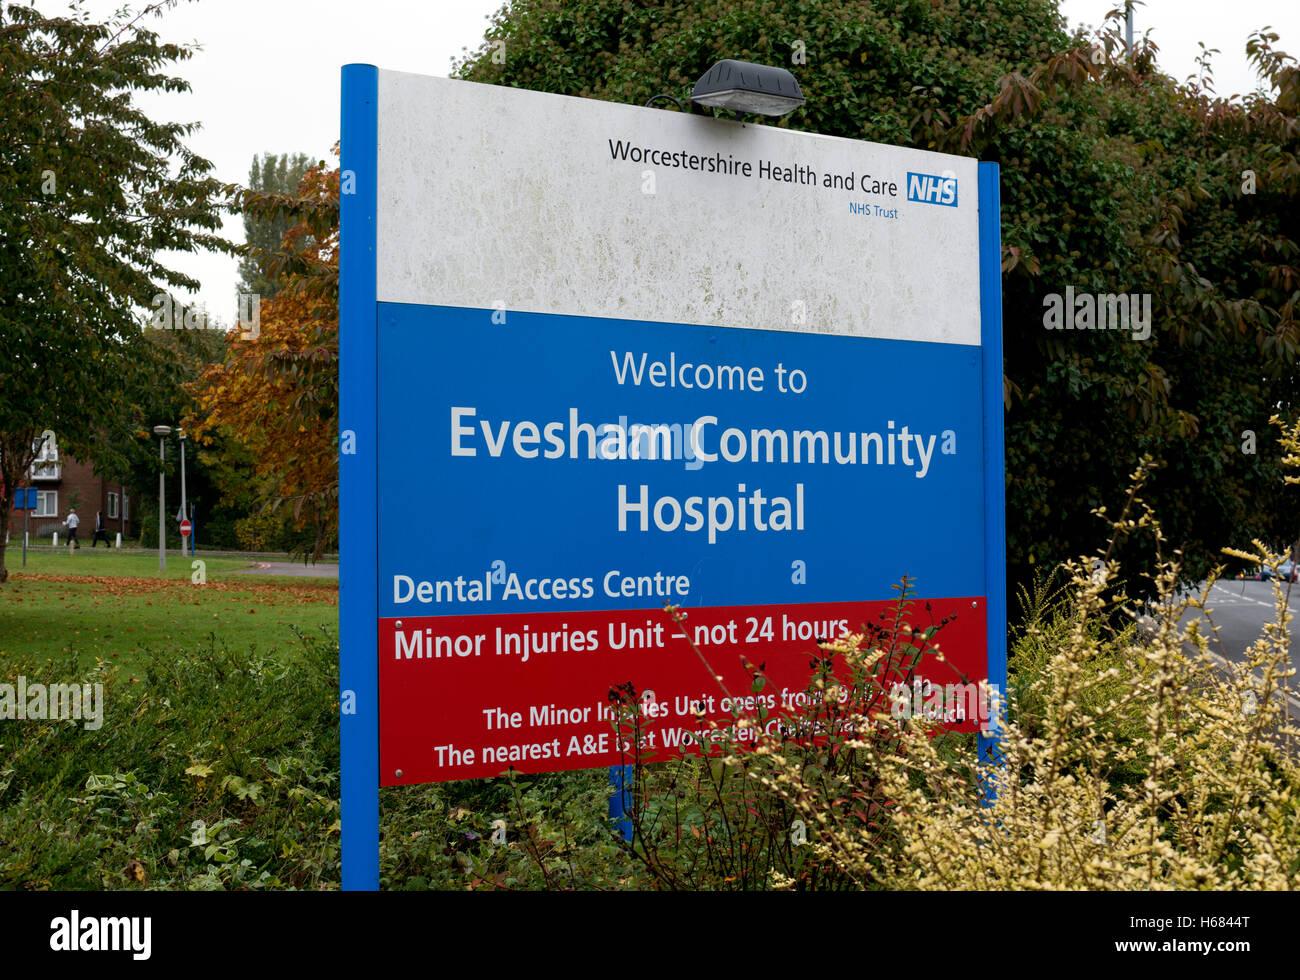 Evesham Community Hospital sign, Worcestershire, England, UK - Stock Image